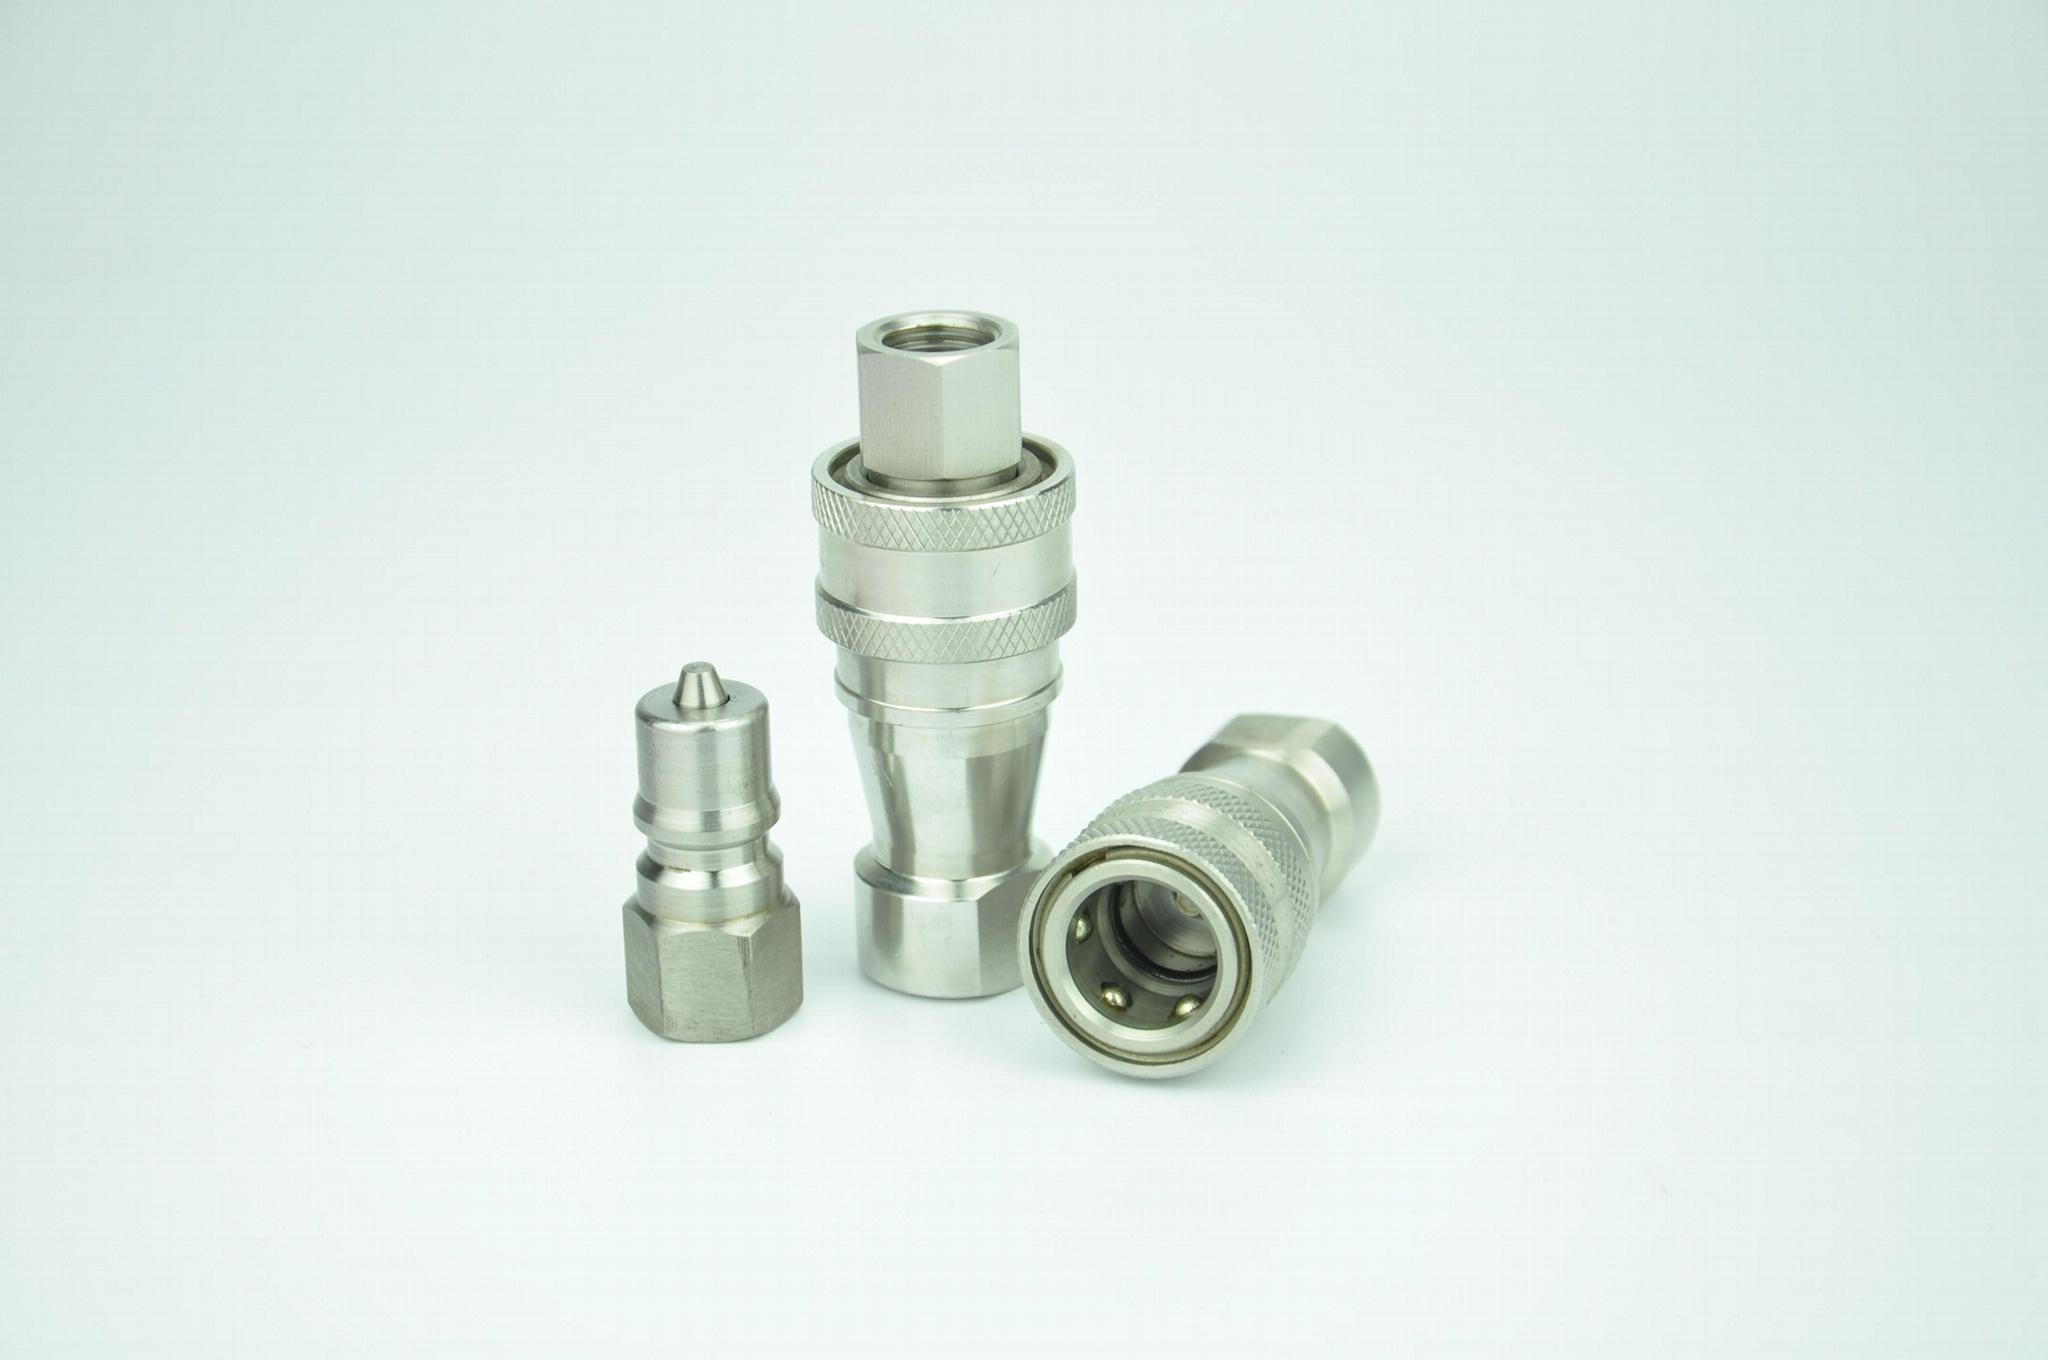 KZF不锈钢开闭式高压油管耐高温腐蚀快速接头 5